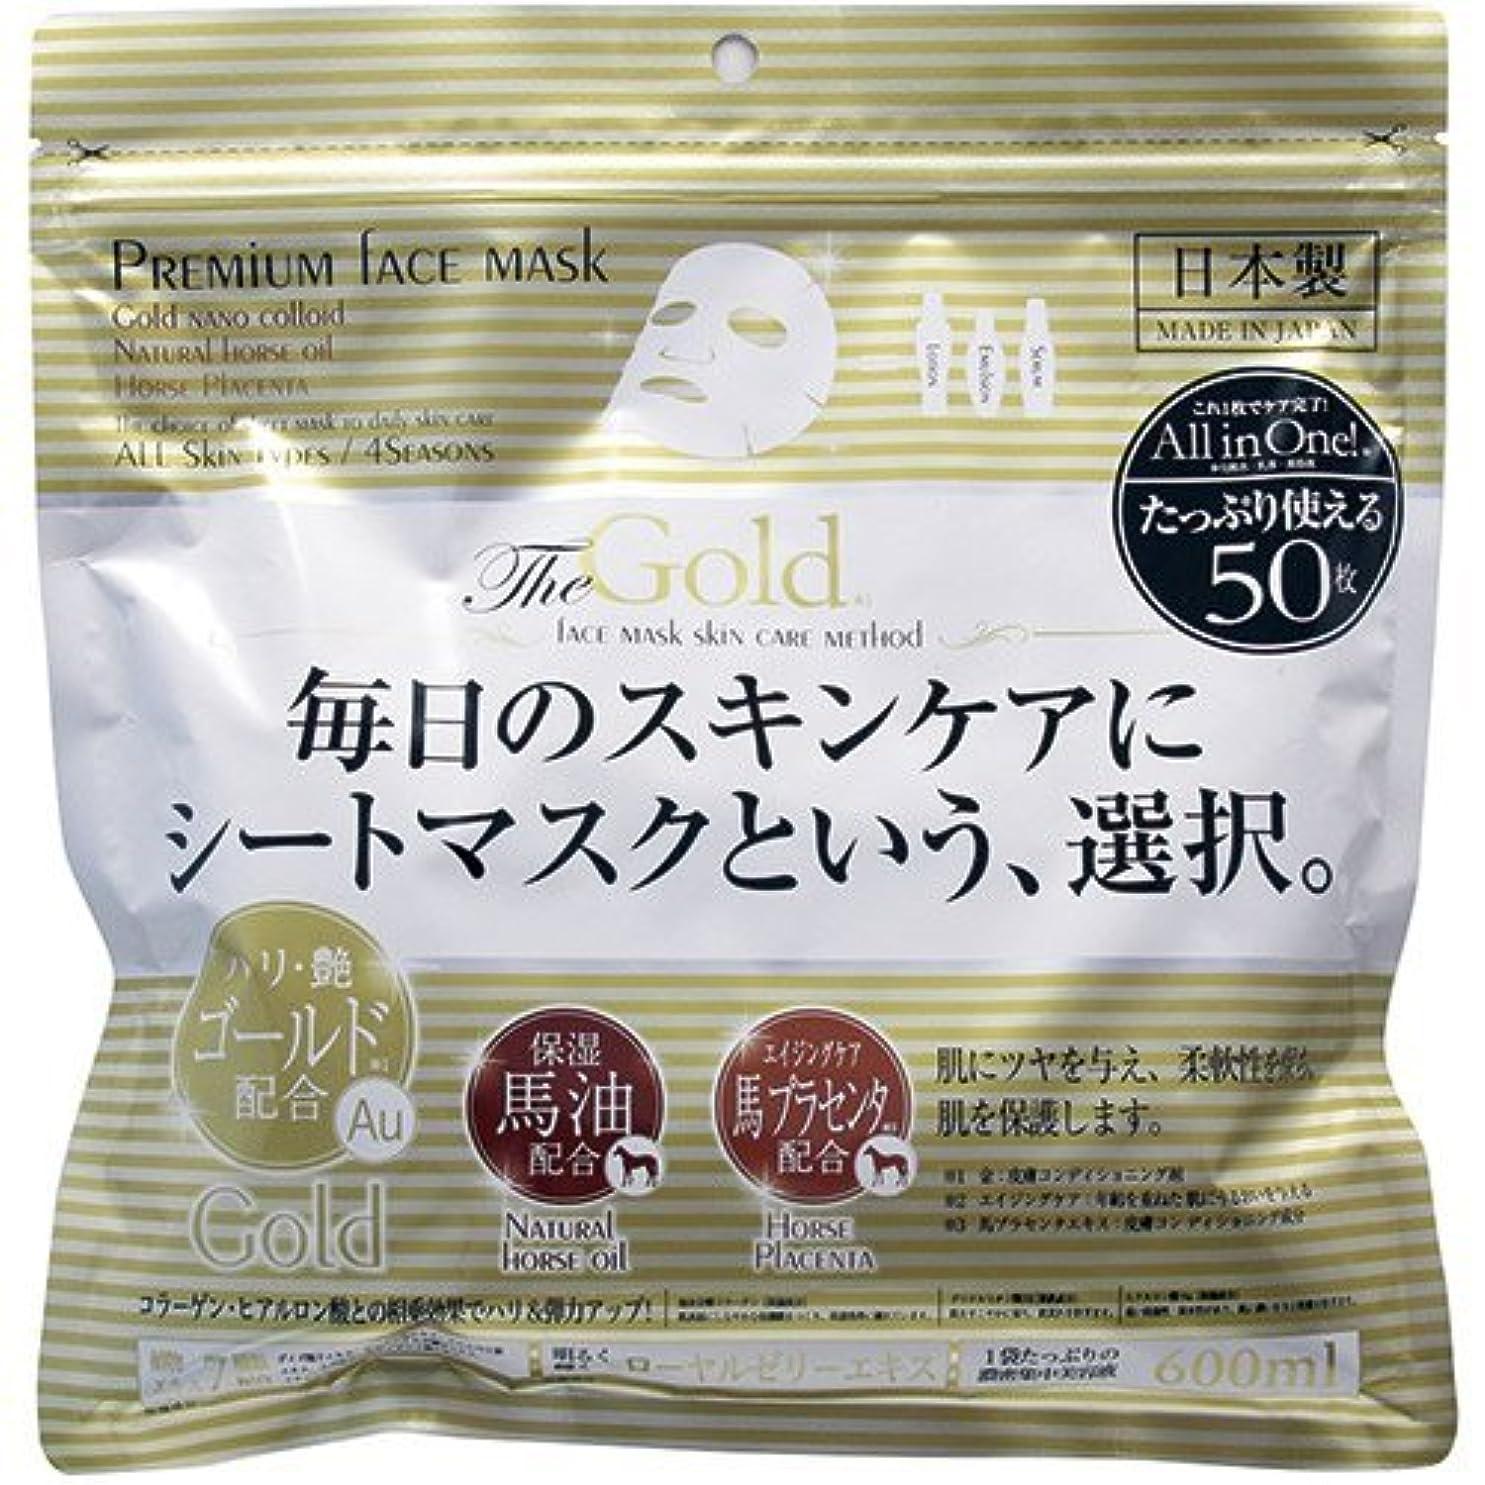 生物学プーノ男【進製作所】プレミアムフェイスマスク ゴールド 50枚 ×3個セット